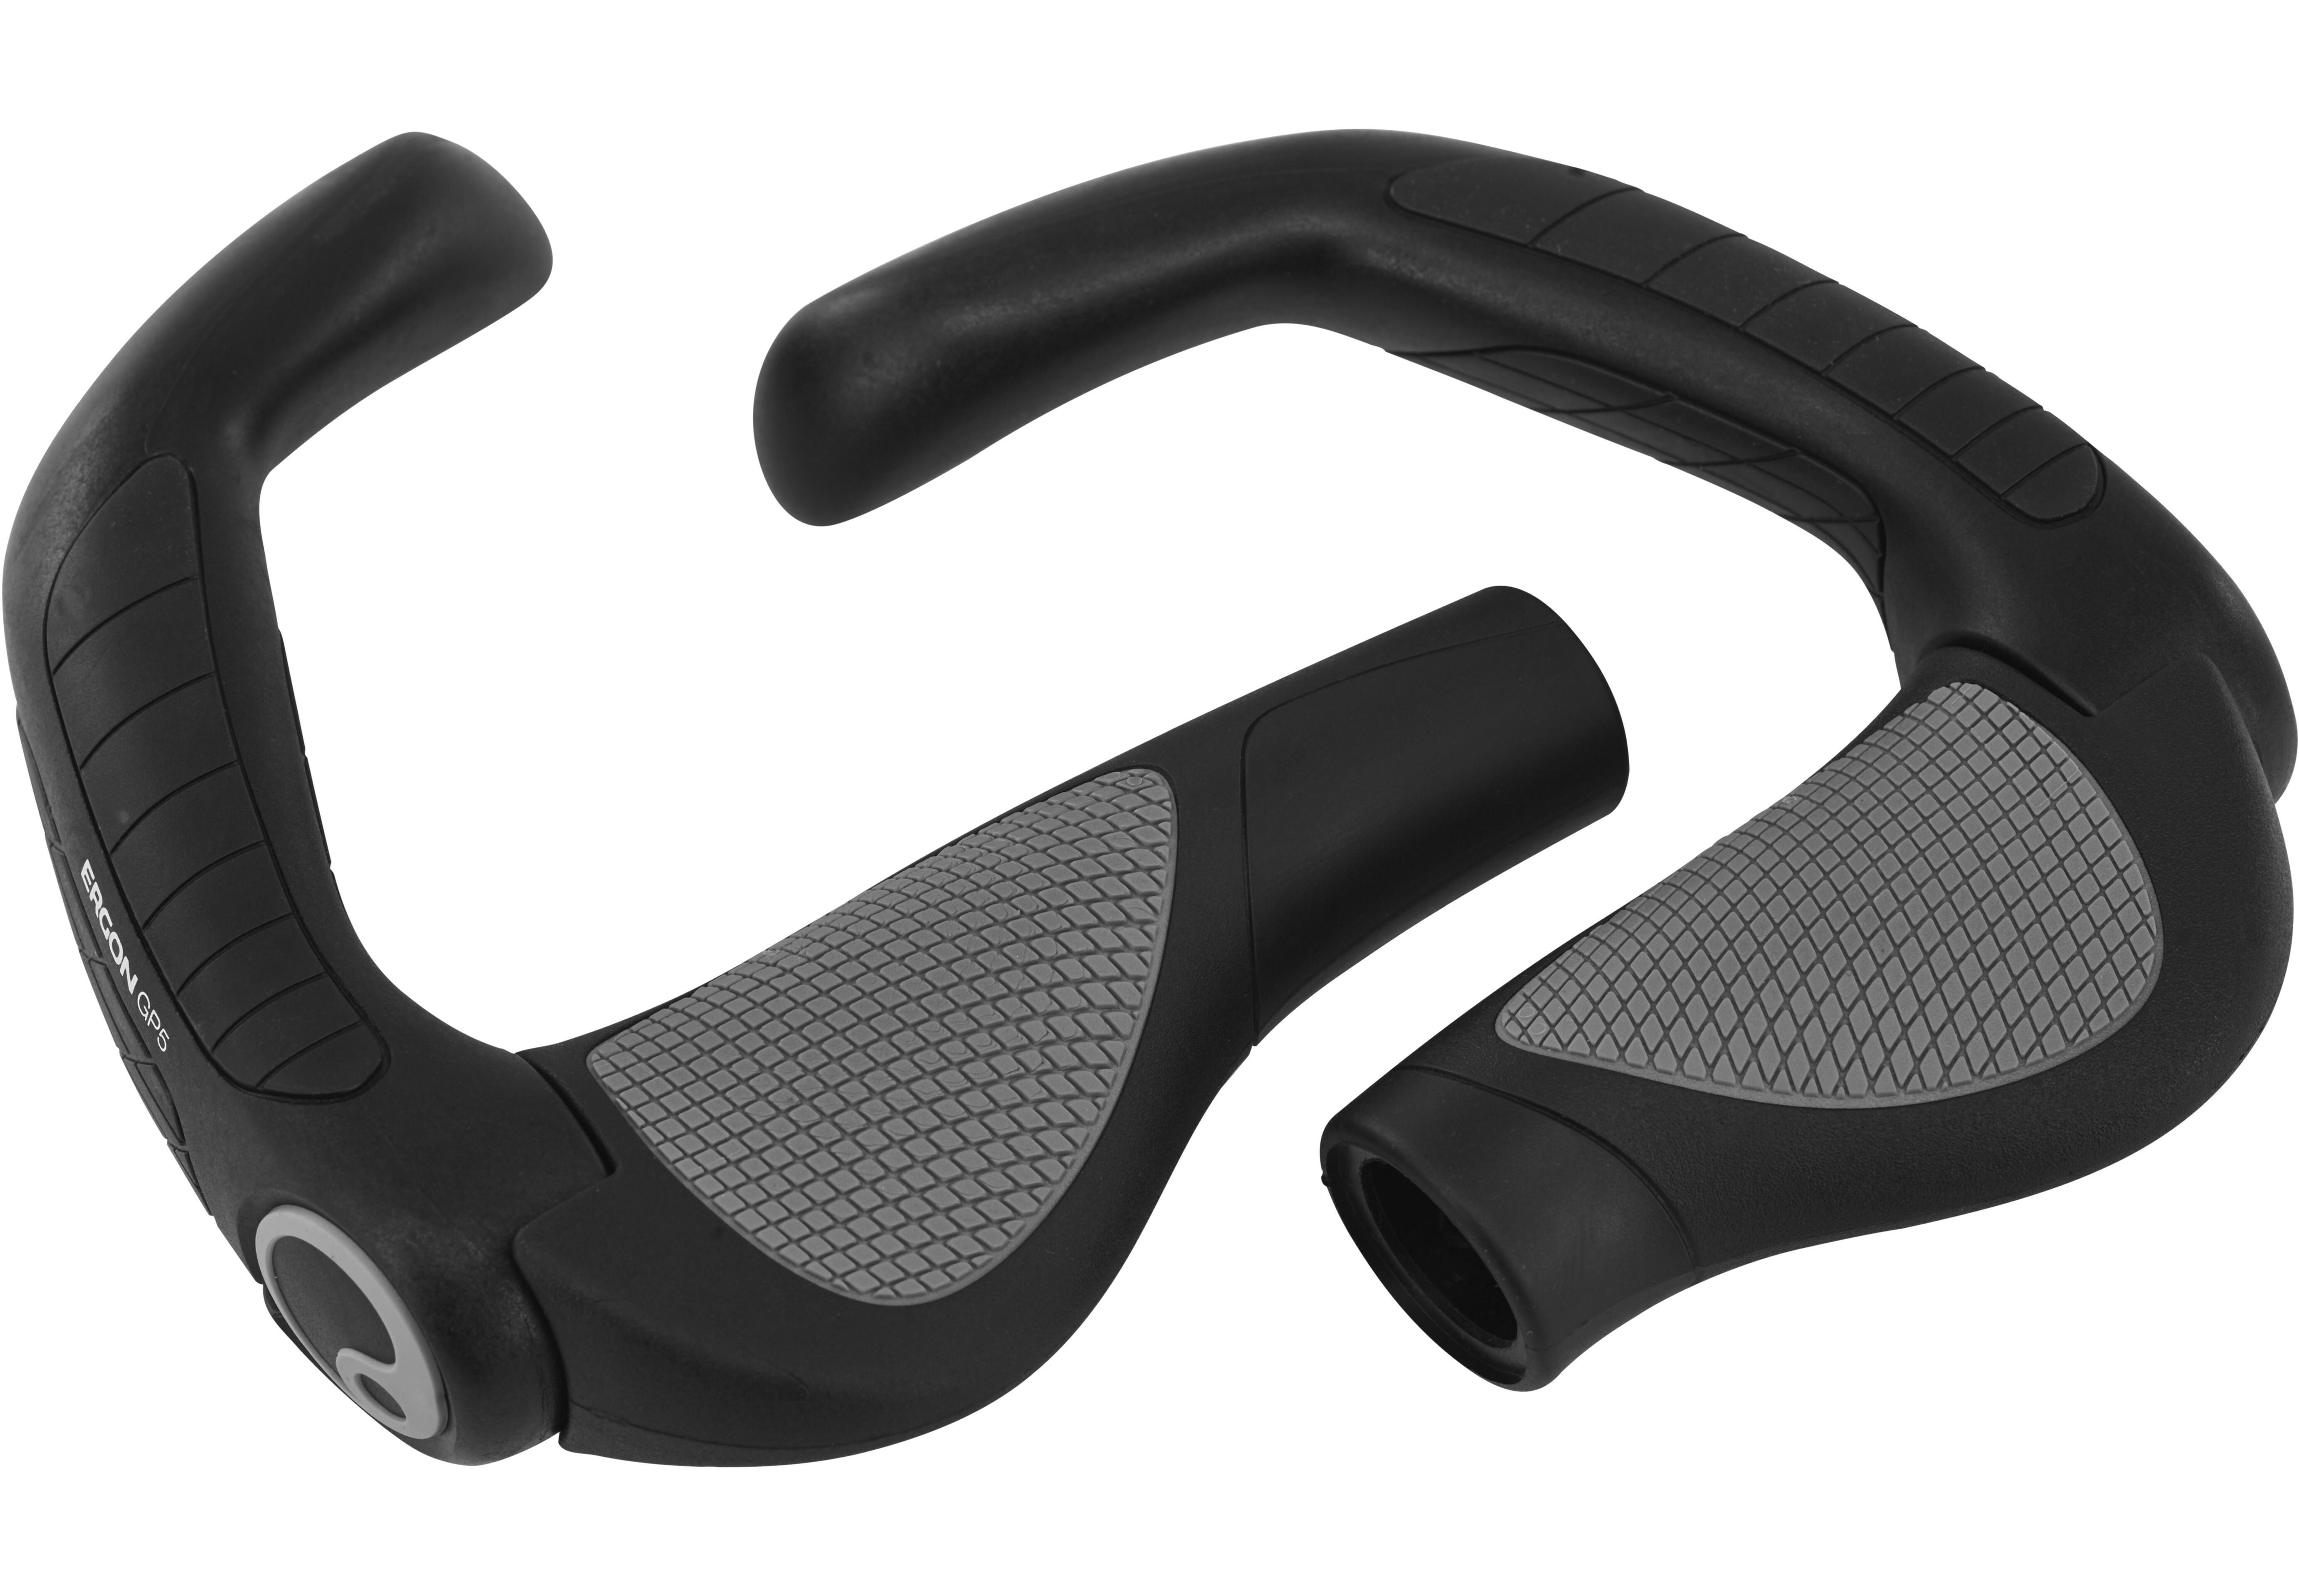 Ergon GP5 Griffe Rohloff/Nexus schwarz online kaufen | fahrrad.de